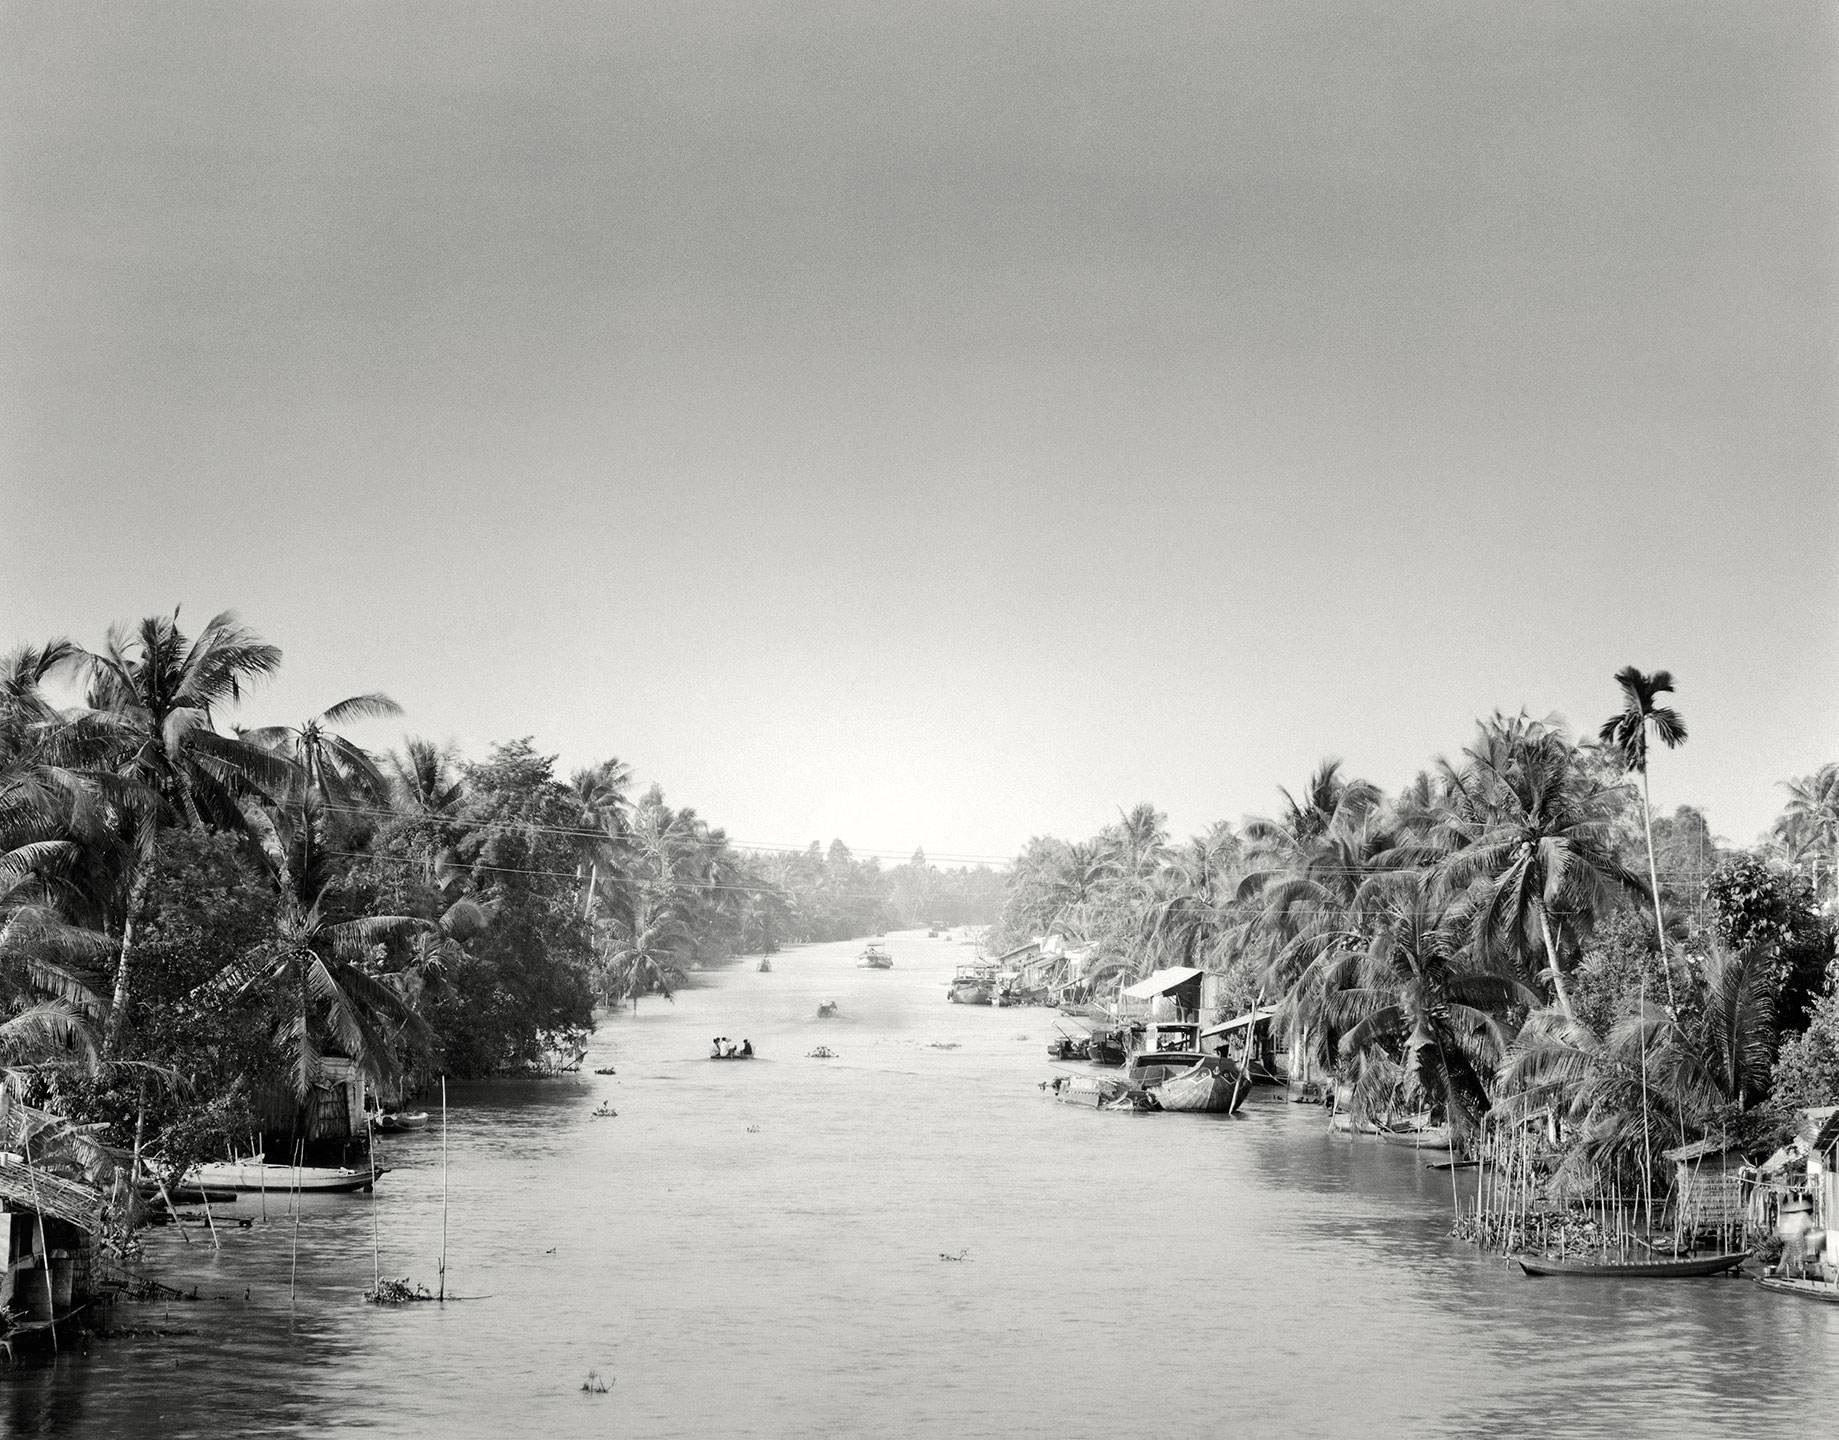 Can-Tho-Haze,-Mekong-Delta---2003.jpg